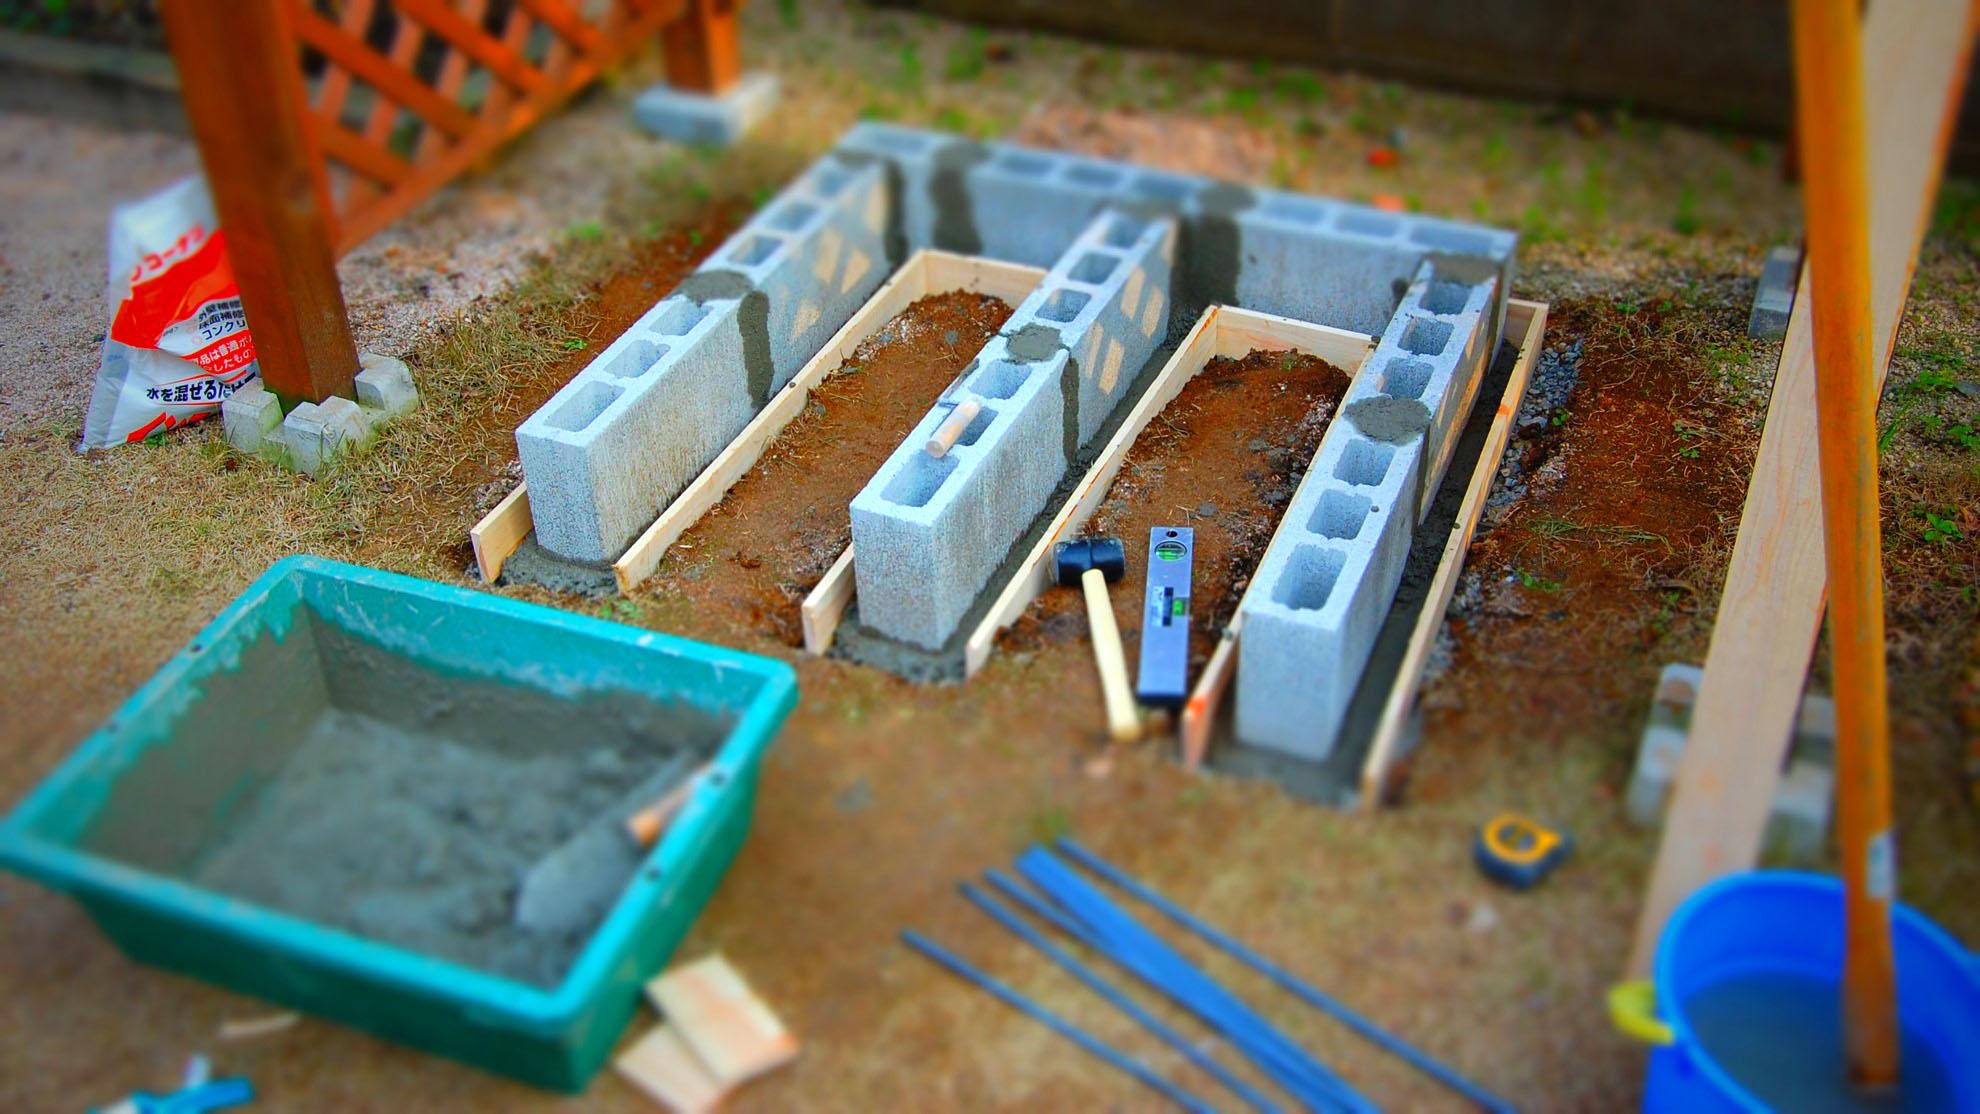 【庭造りDIY】コンクリートブロックを積んでみよう